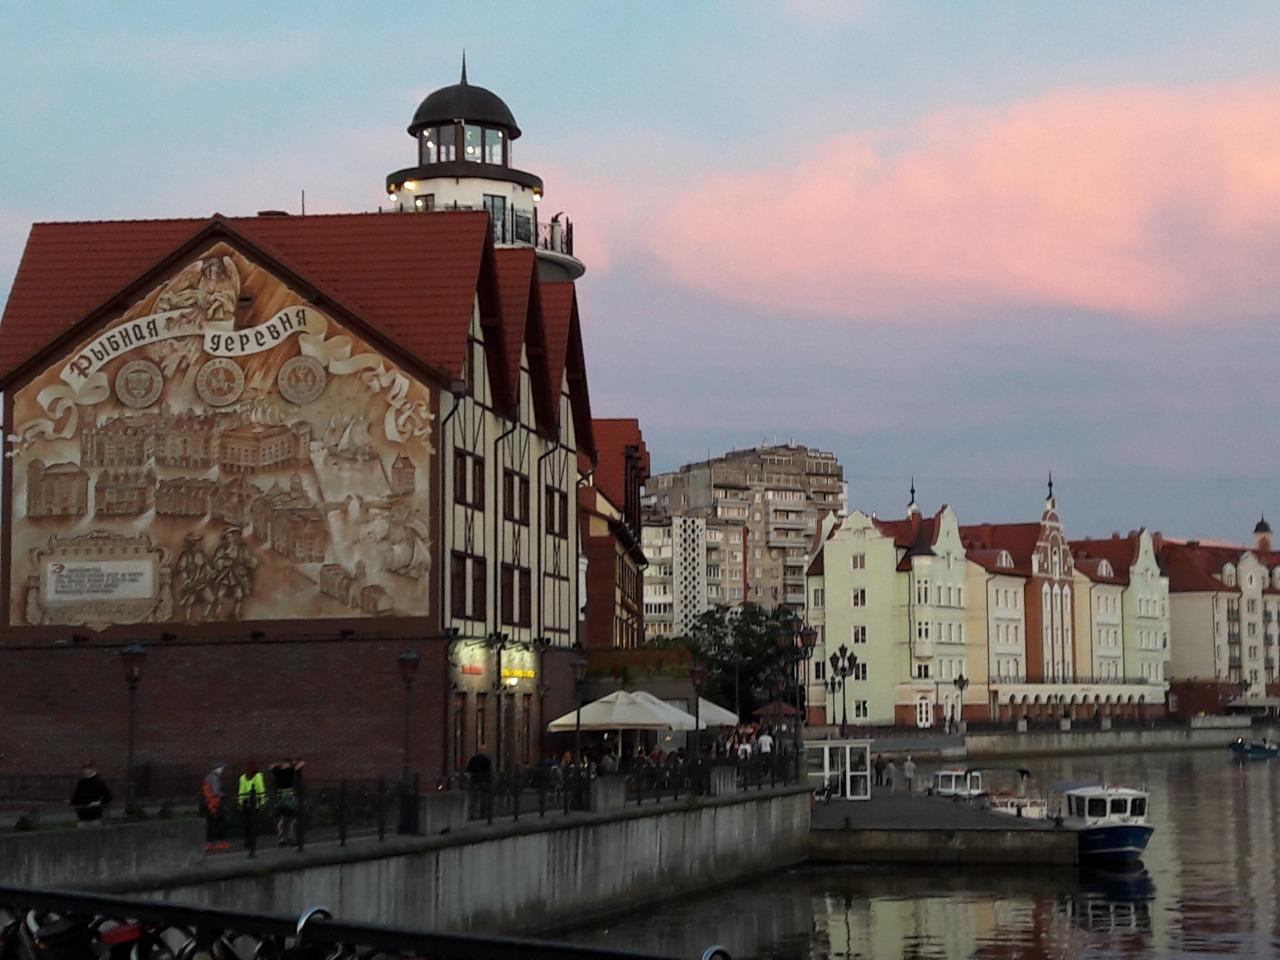 Обзорная экскурсия по Калининграду - индивидуальная экскурсия в Калининграде от опытного гида